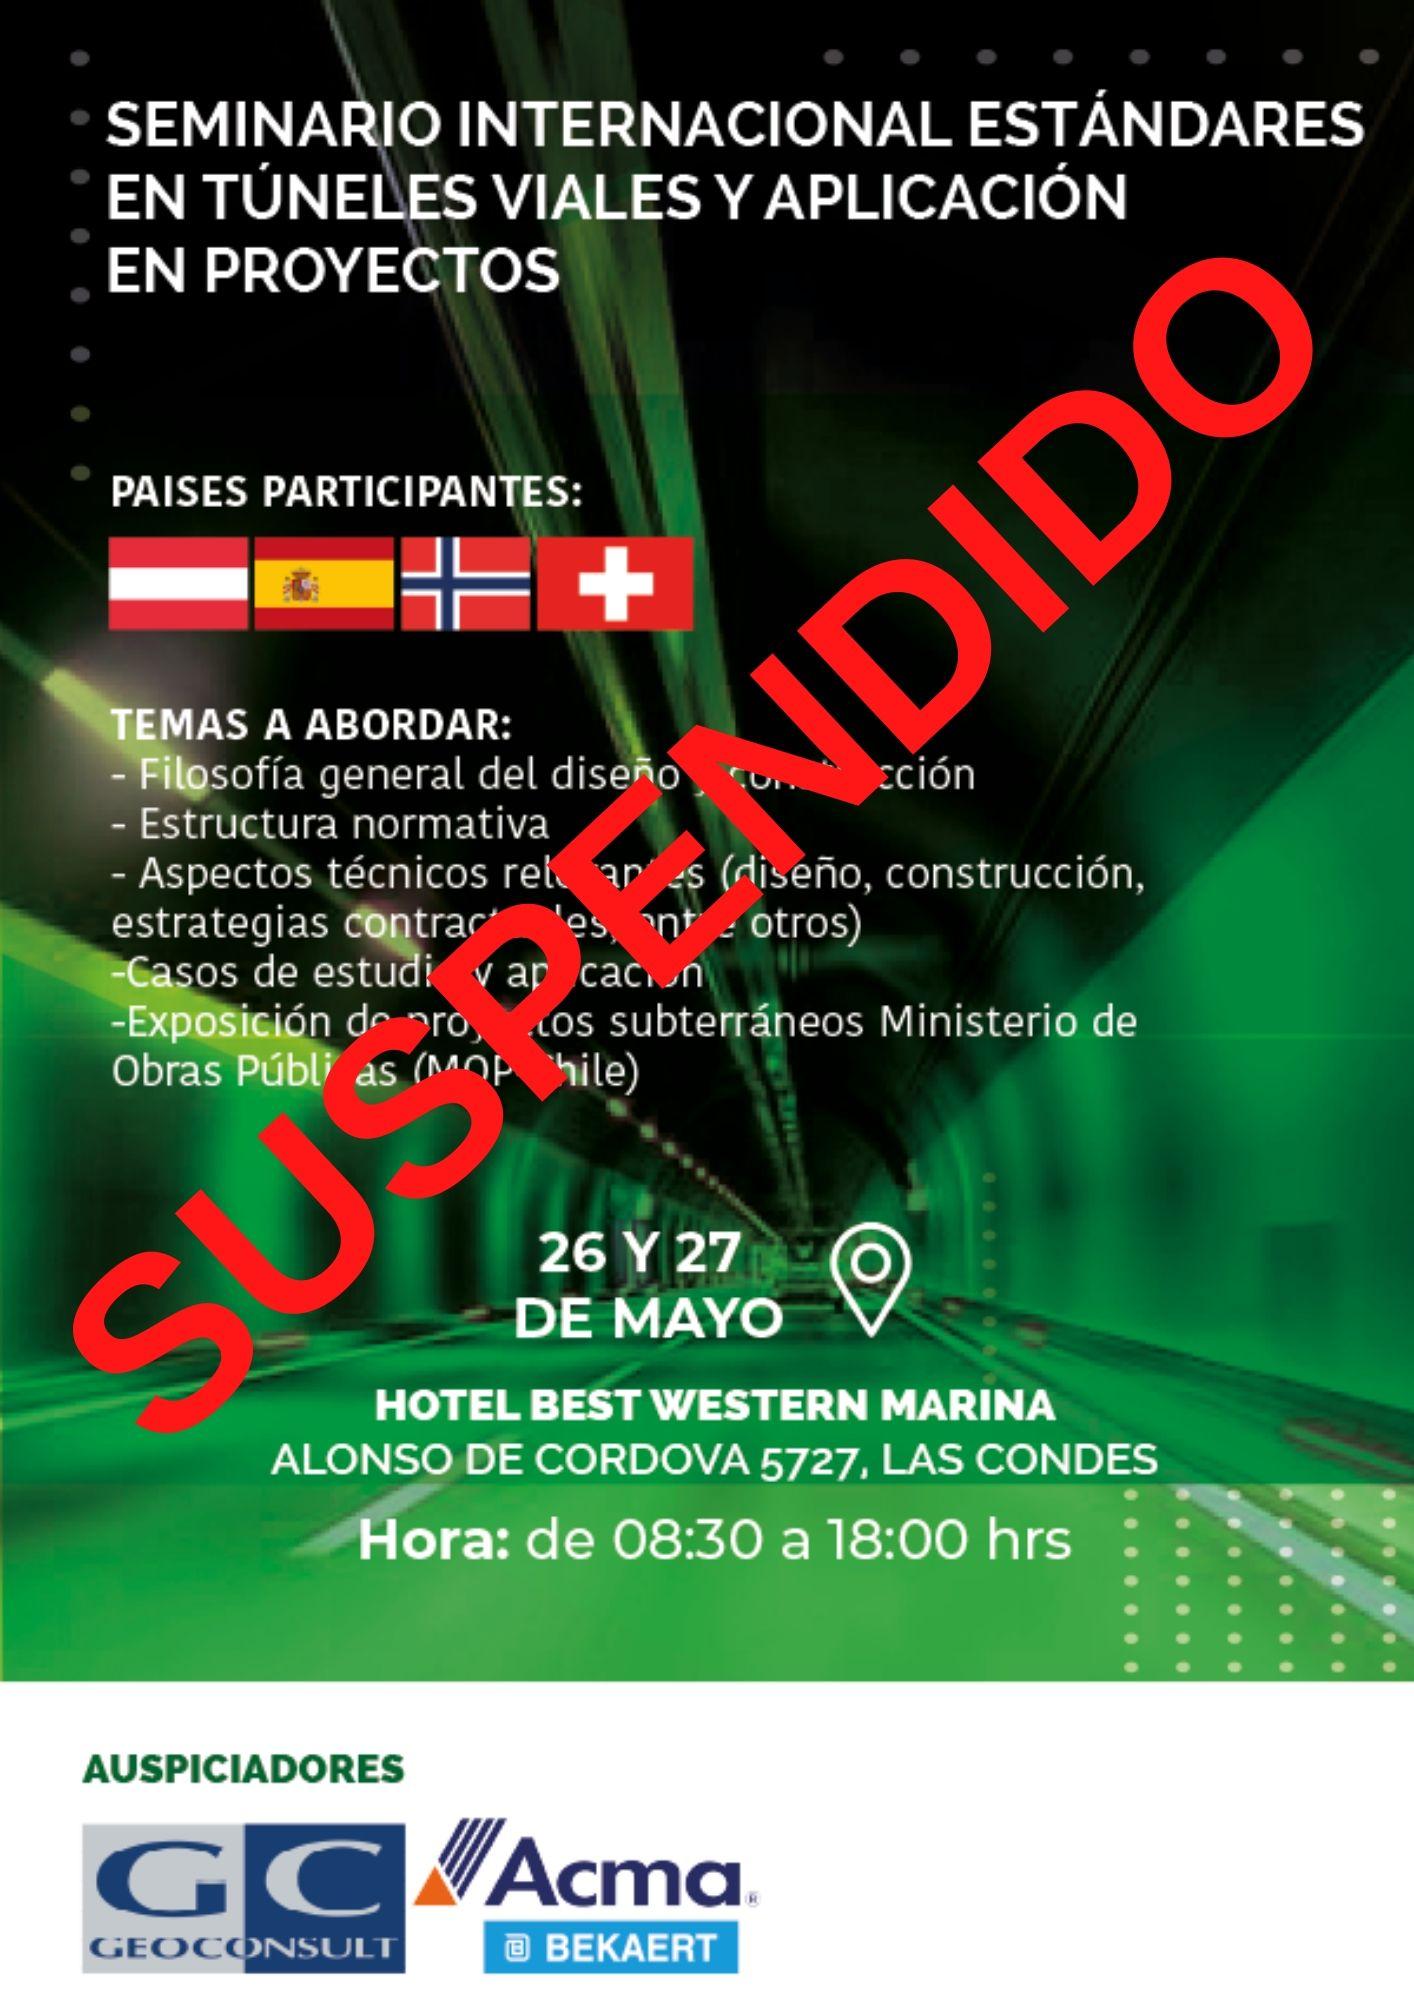 """Seminario Internacional """"Estándares en túneles viales y aplicación en proyectos"""""""